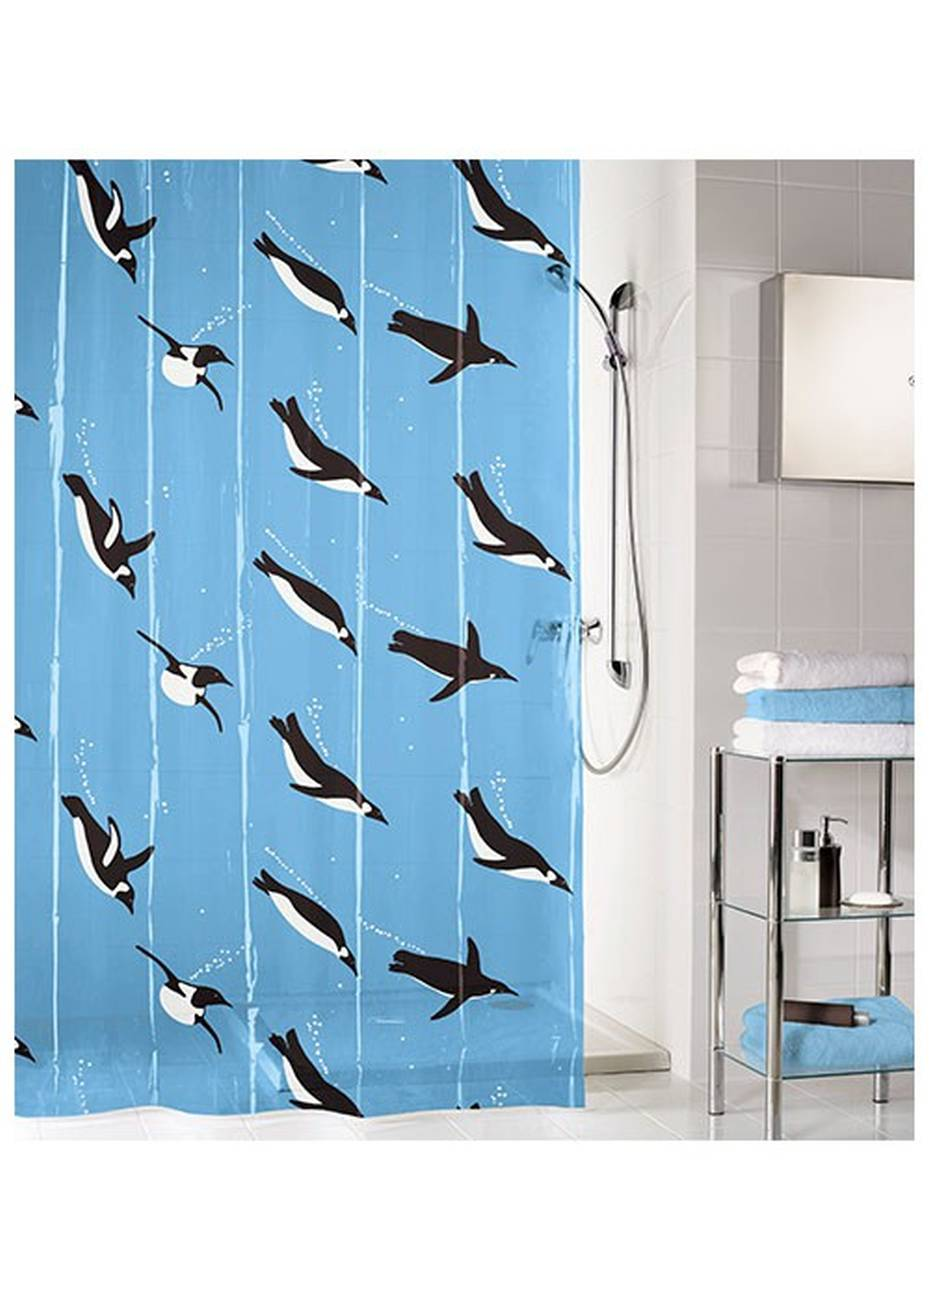 Duschvorhang Penguin PEVA Blau 180x200 cm